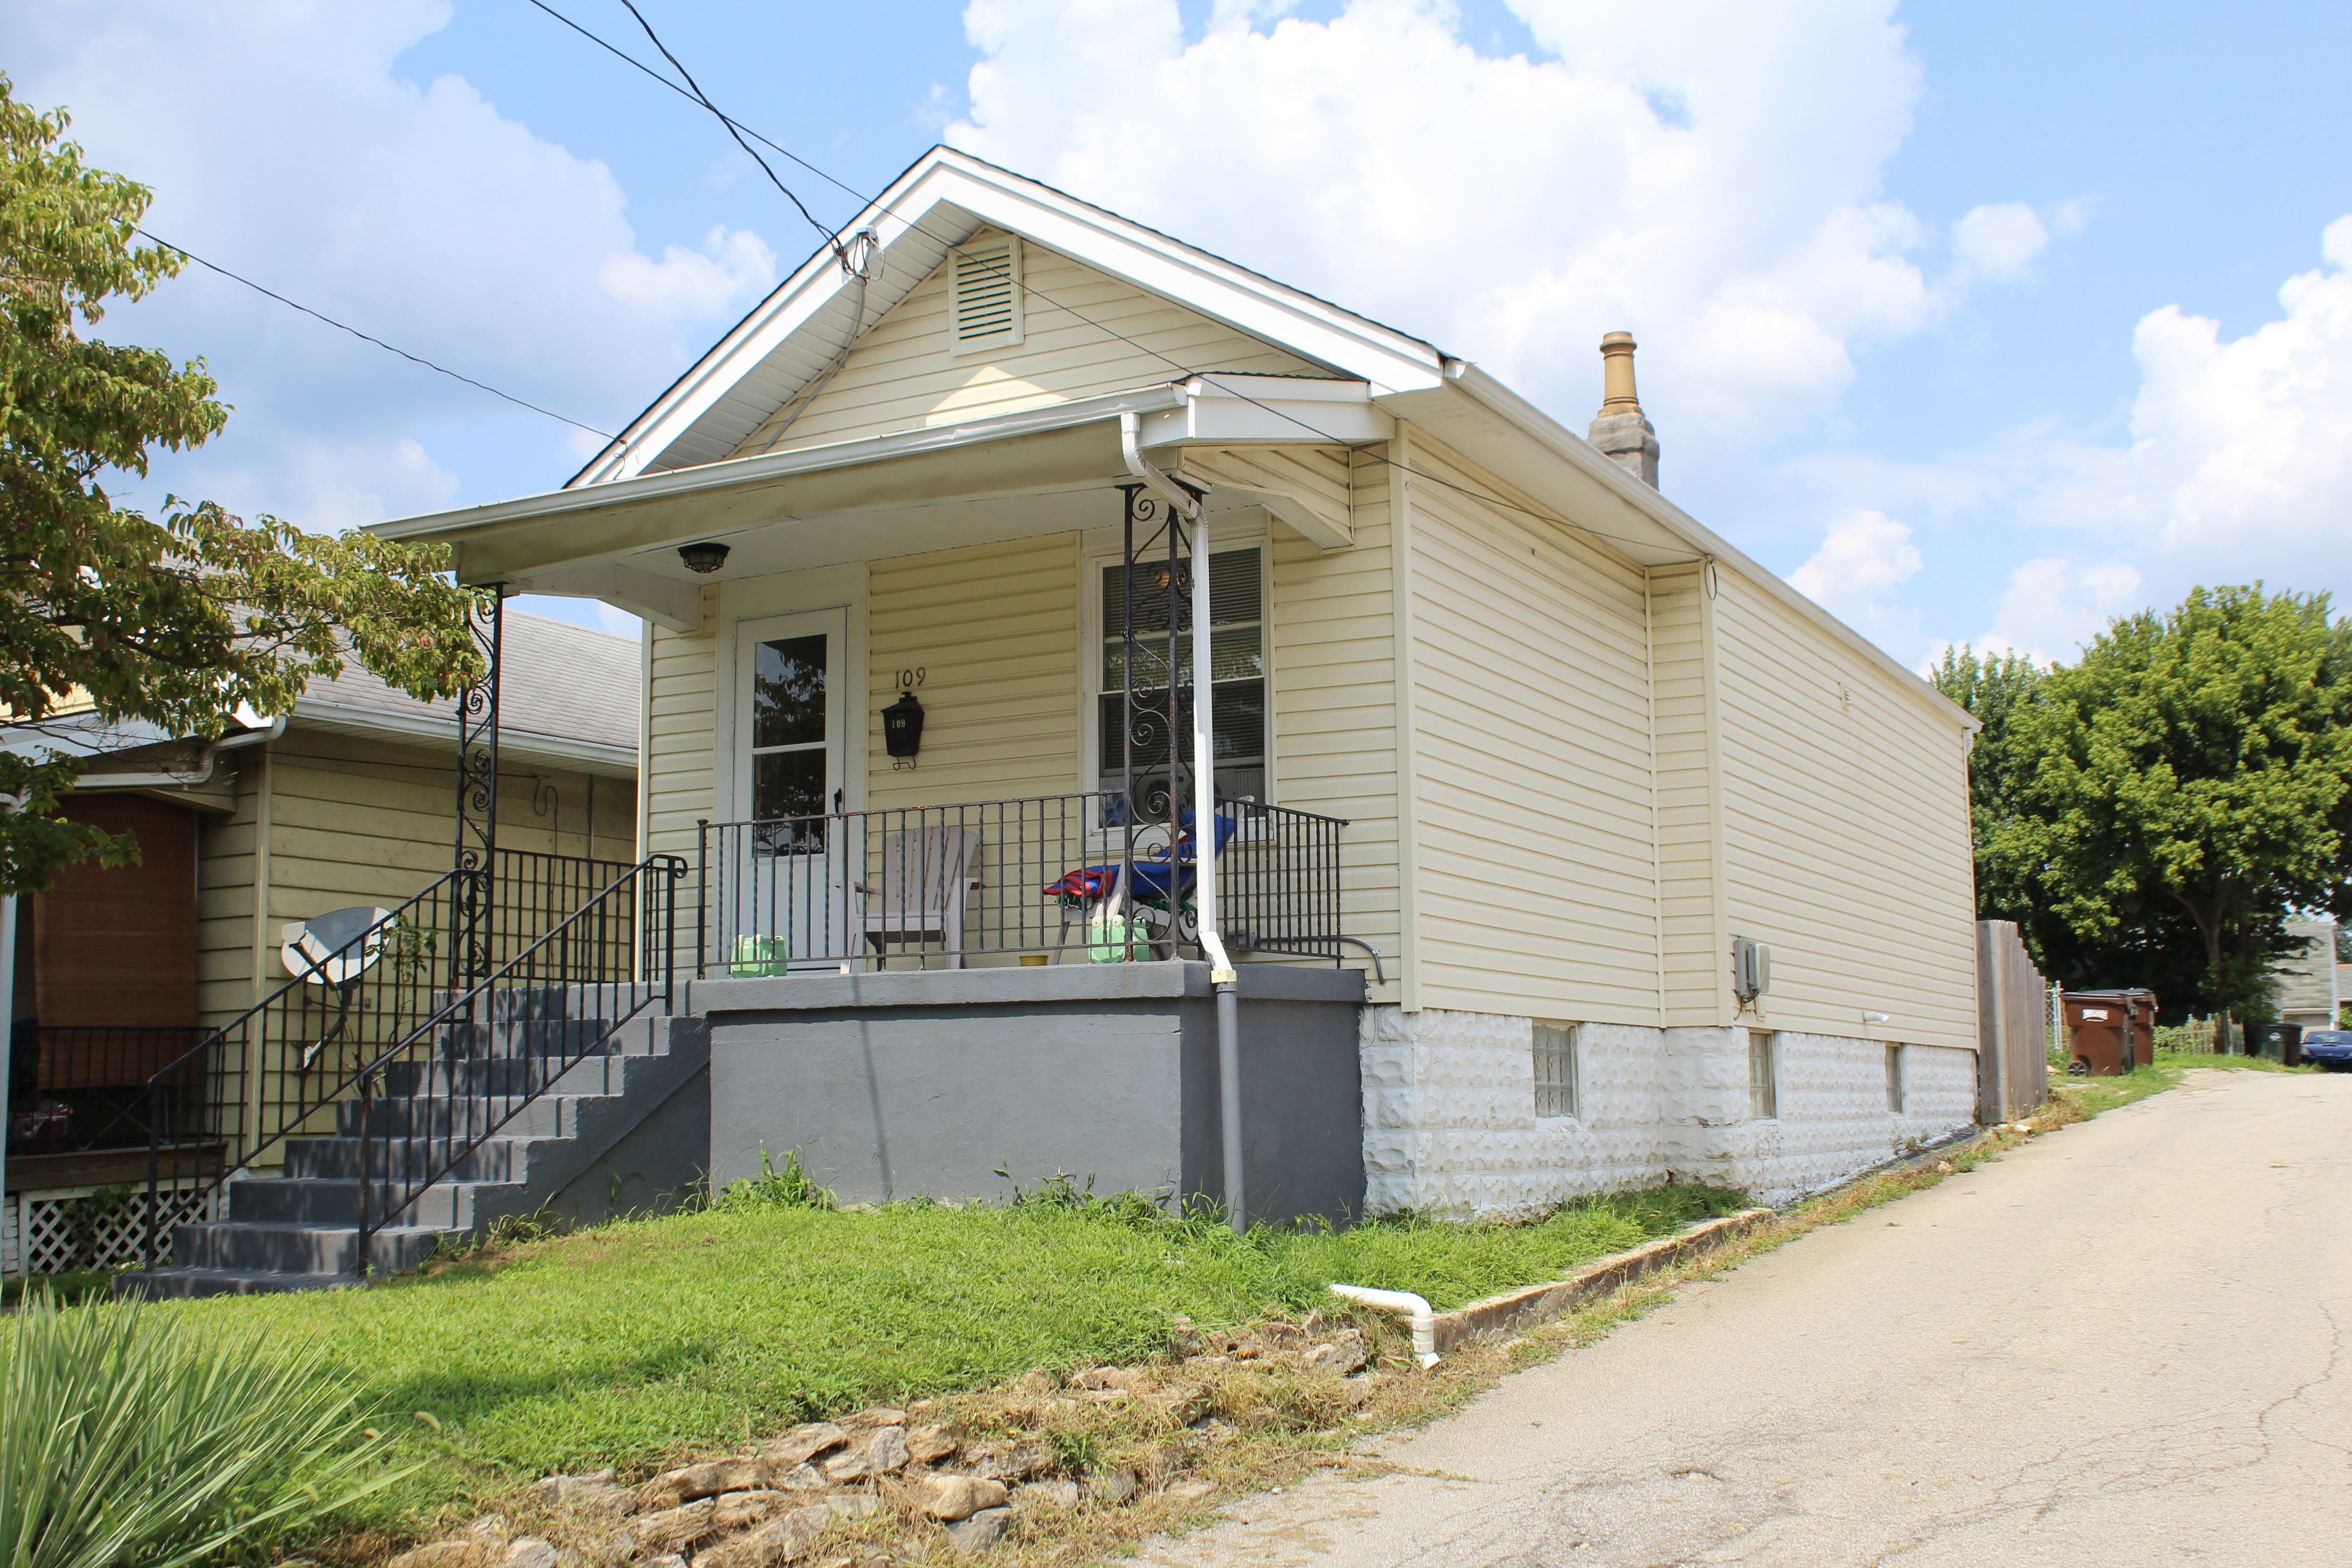 selling my inherited house in nky or cincinnati - we buy nky houses